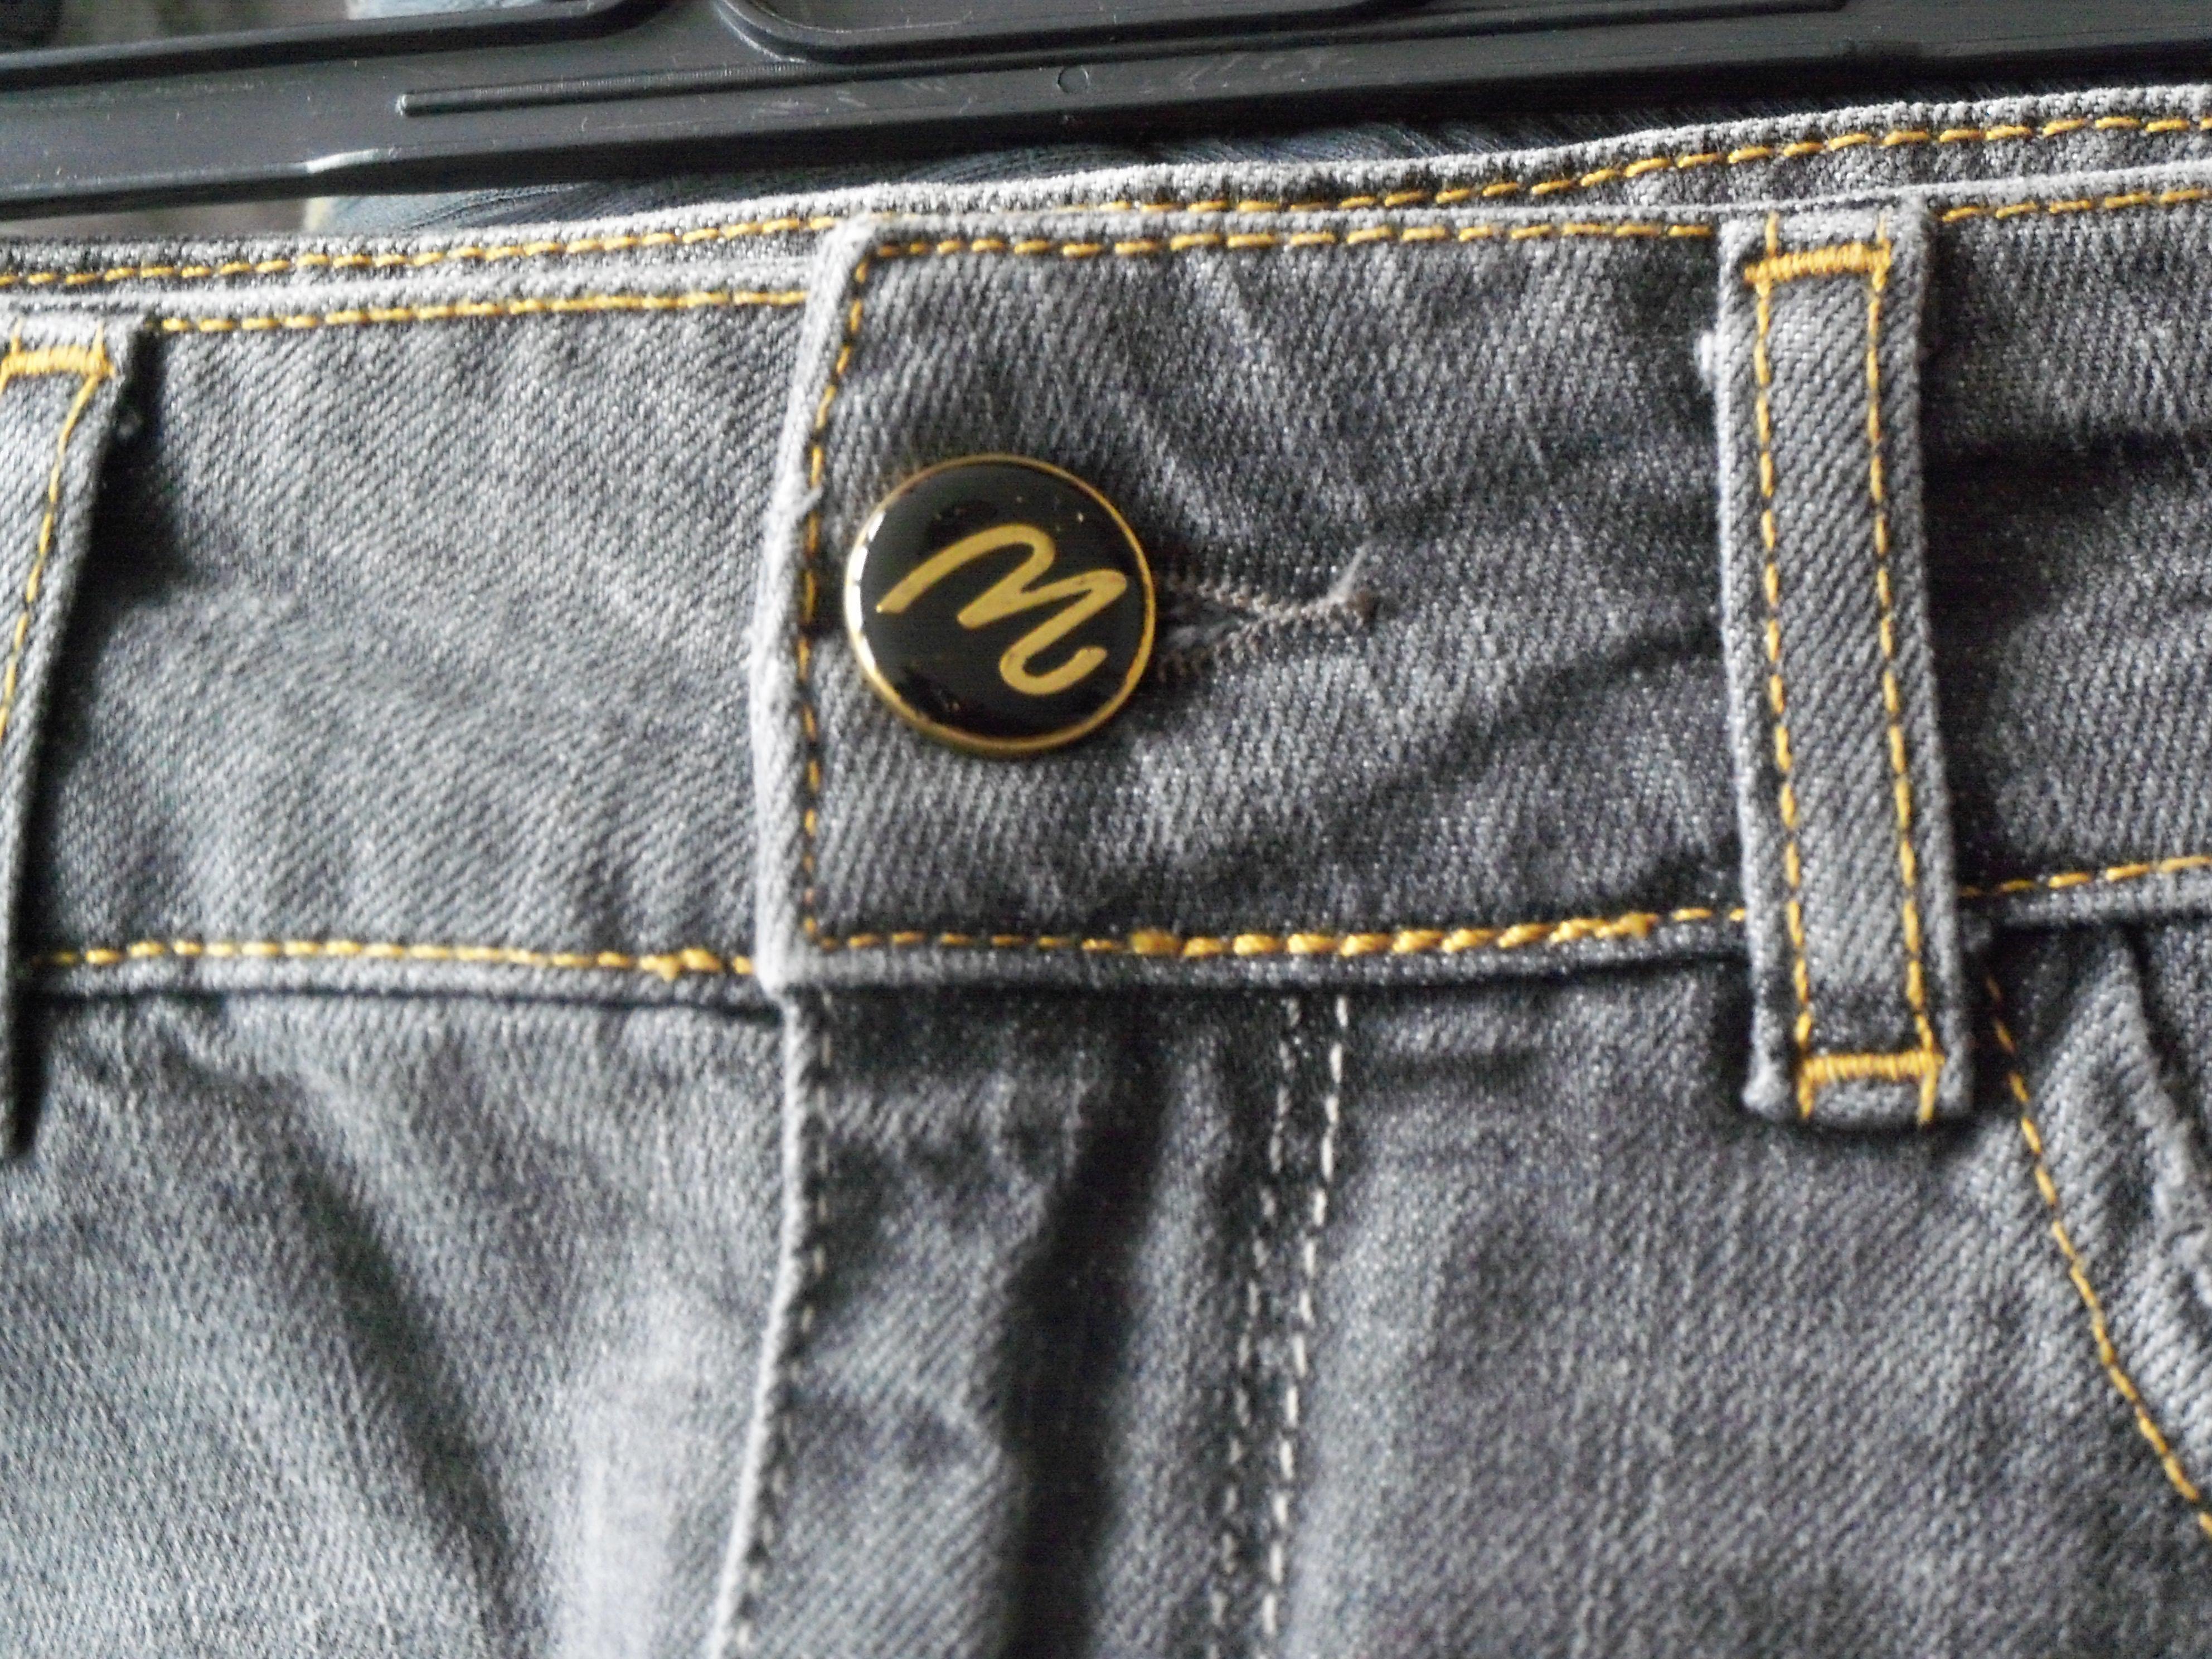 troc de troc jupe mango en jeans neuve t.38 image 2